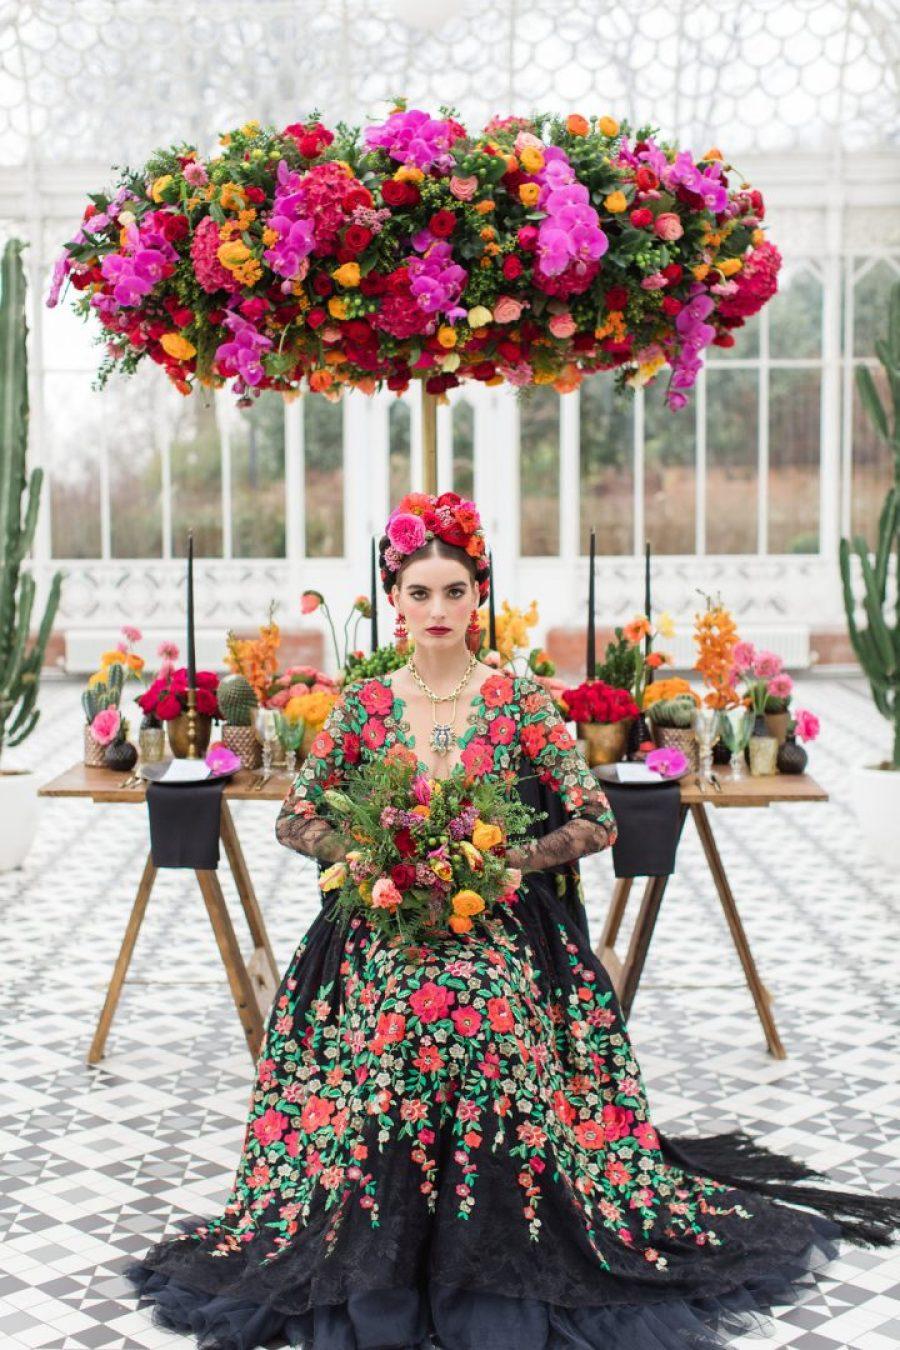 Frida Kahlo Wedding Style Shoot - Part Two